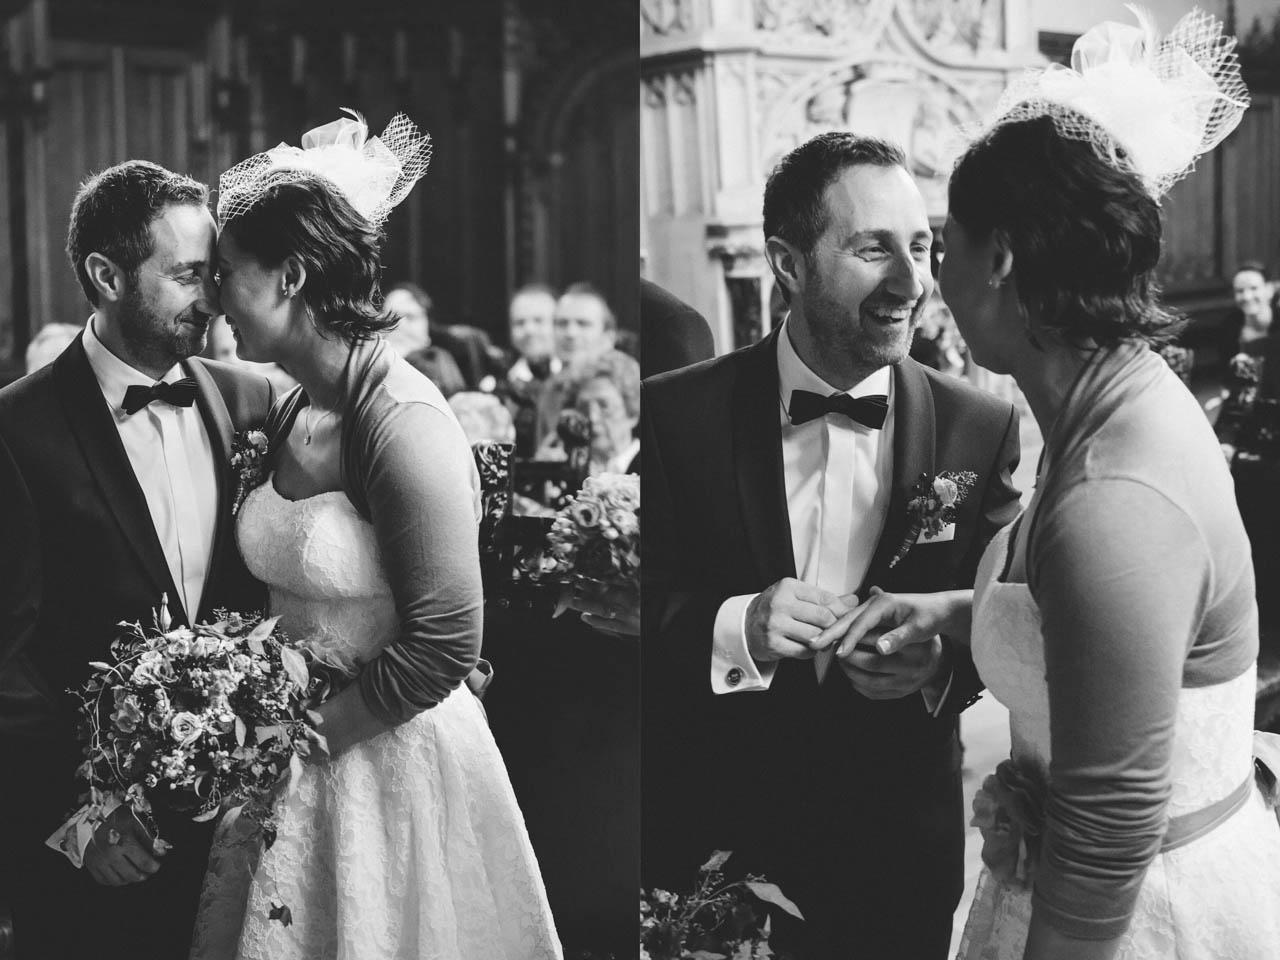 Trauungszeremonie bei der Herbsthochzeit mit lachendem Brautpaar